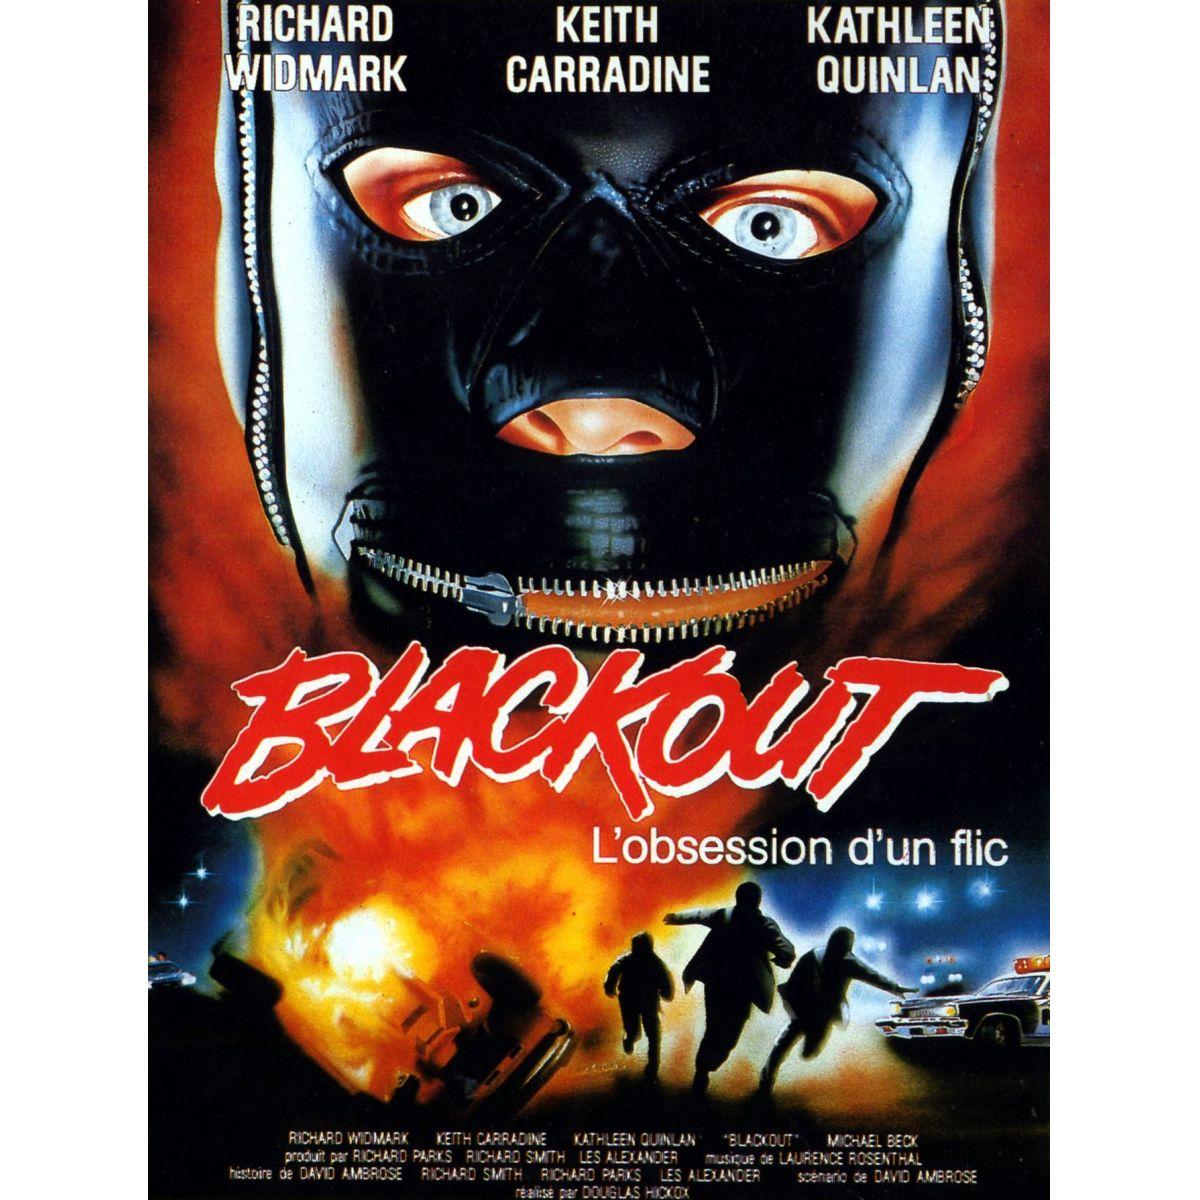 BLACKOUT (1985)  - FILMES RAROS EM DVD